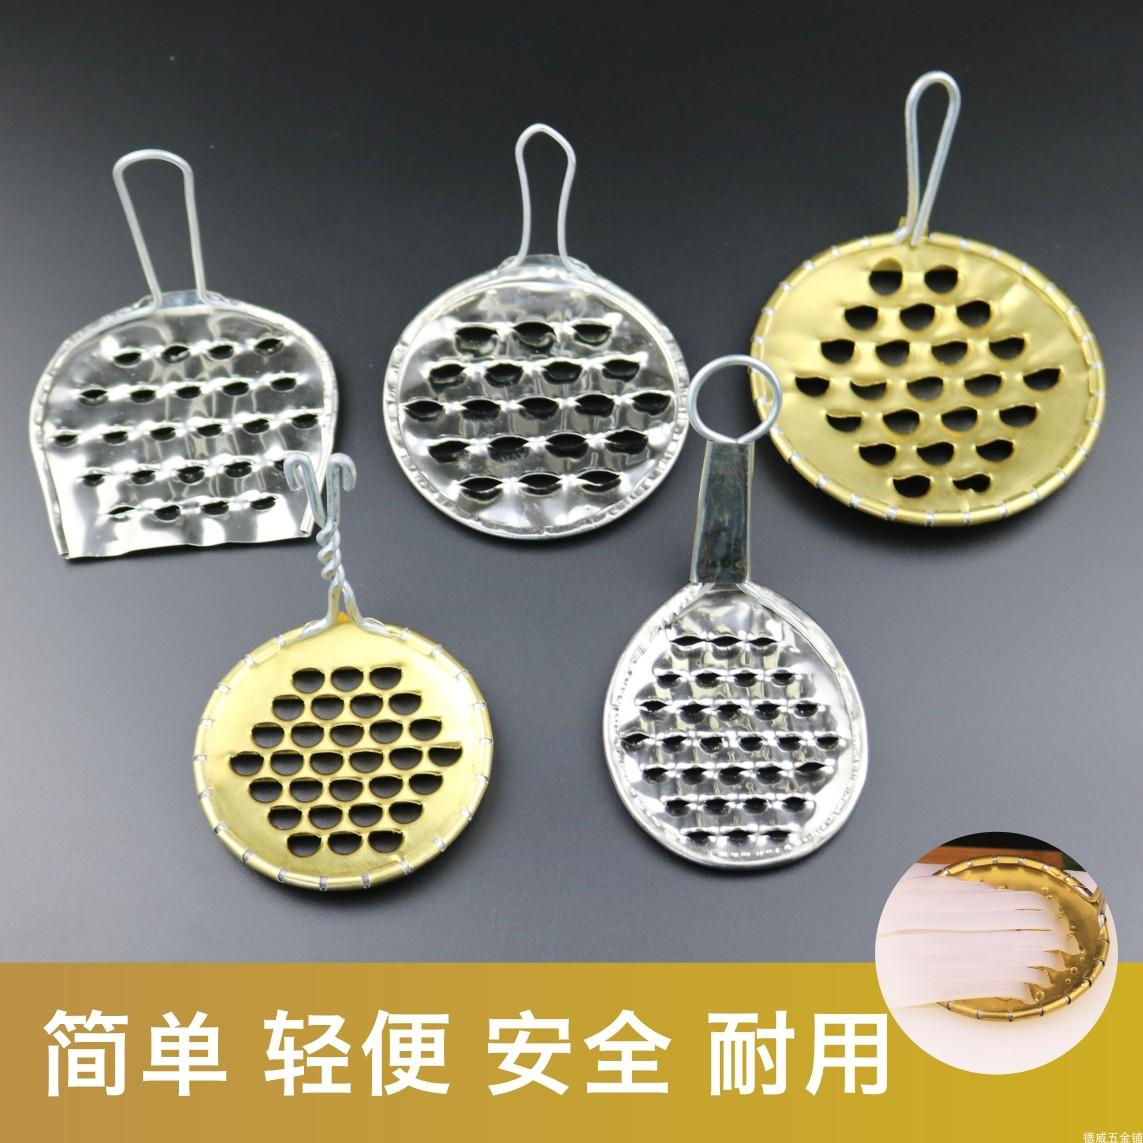 铜制凉粉刮子家用凉粉刮丝器不锈钢刮凉粉旋子工具凉粉刮刀豌豆粉